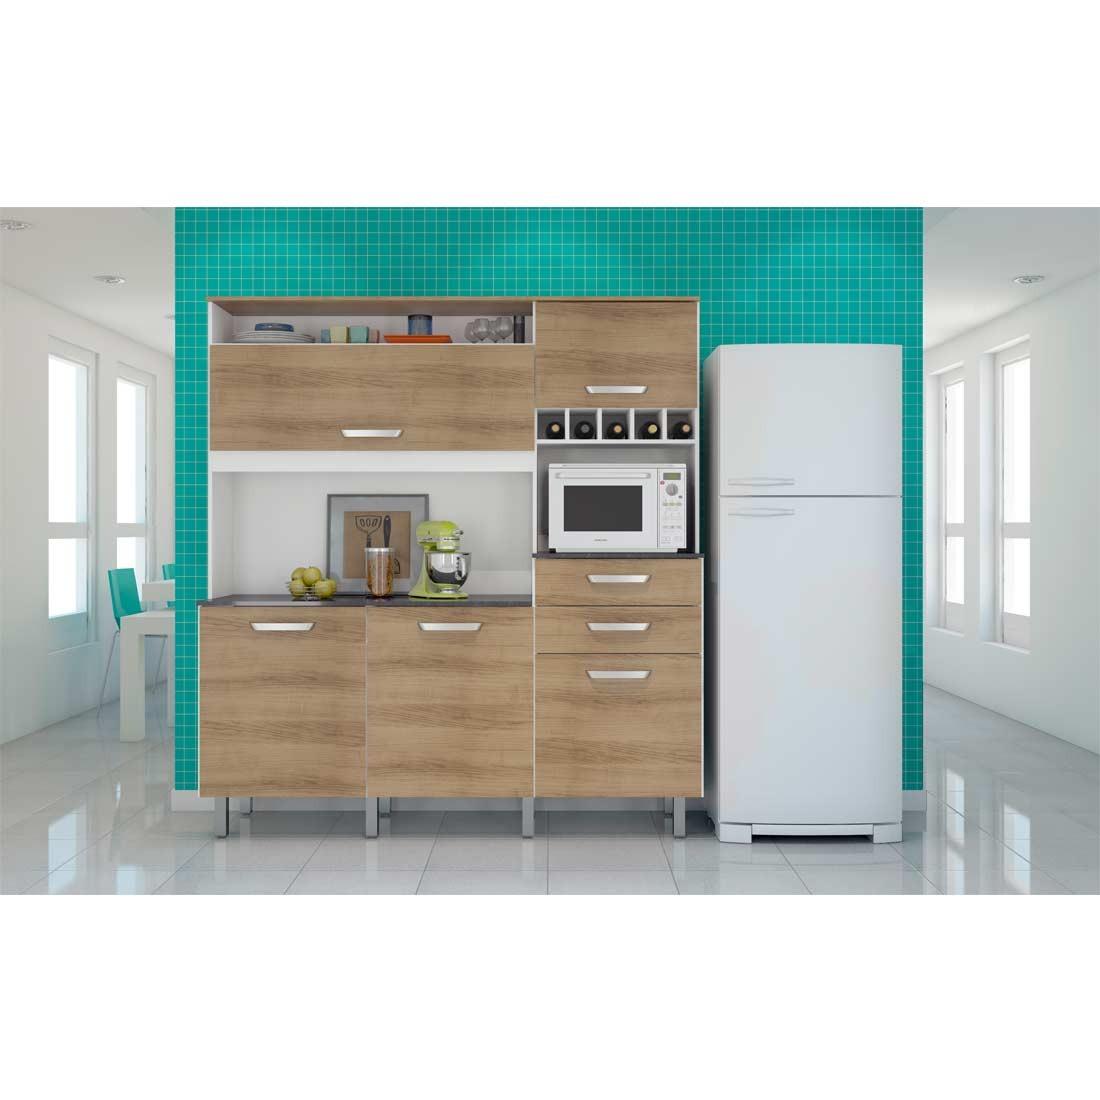 Cozinha Diva Smart Com 5 Portas Branco E Avel Nesher R 949 90